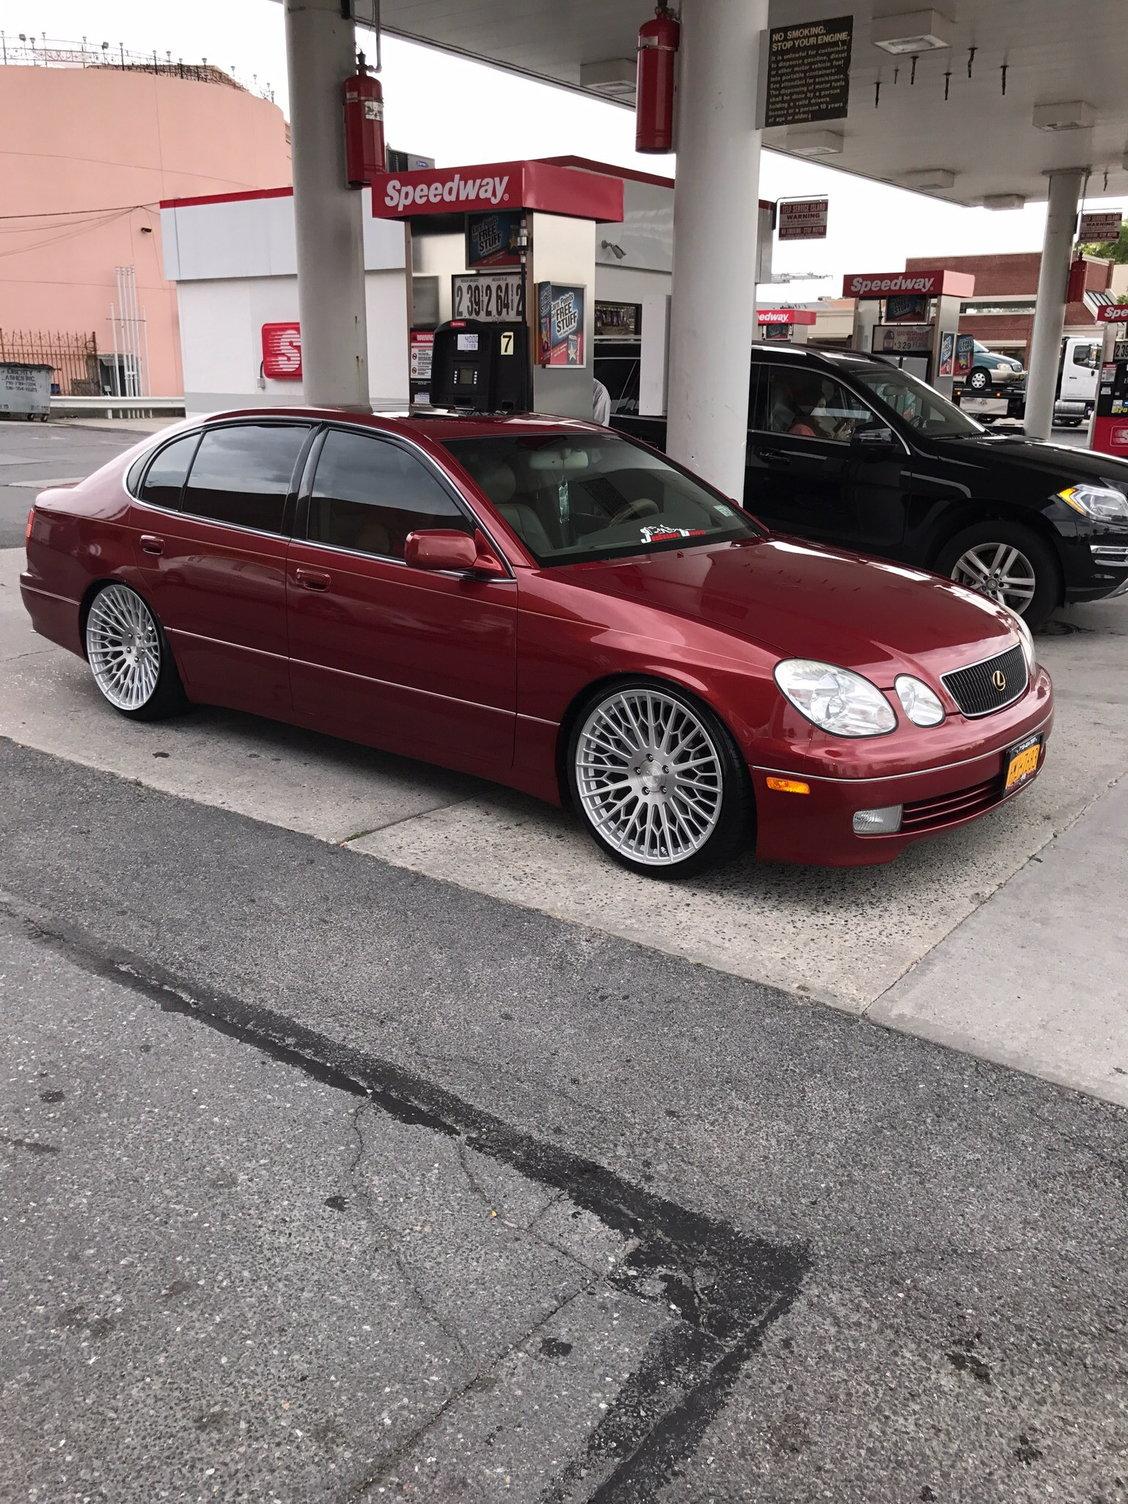 Used Cars Orlando Fl >> 1999 lexus gs300 - $3200 - ClubLexus - Lexus Forum Discussion